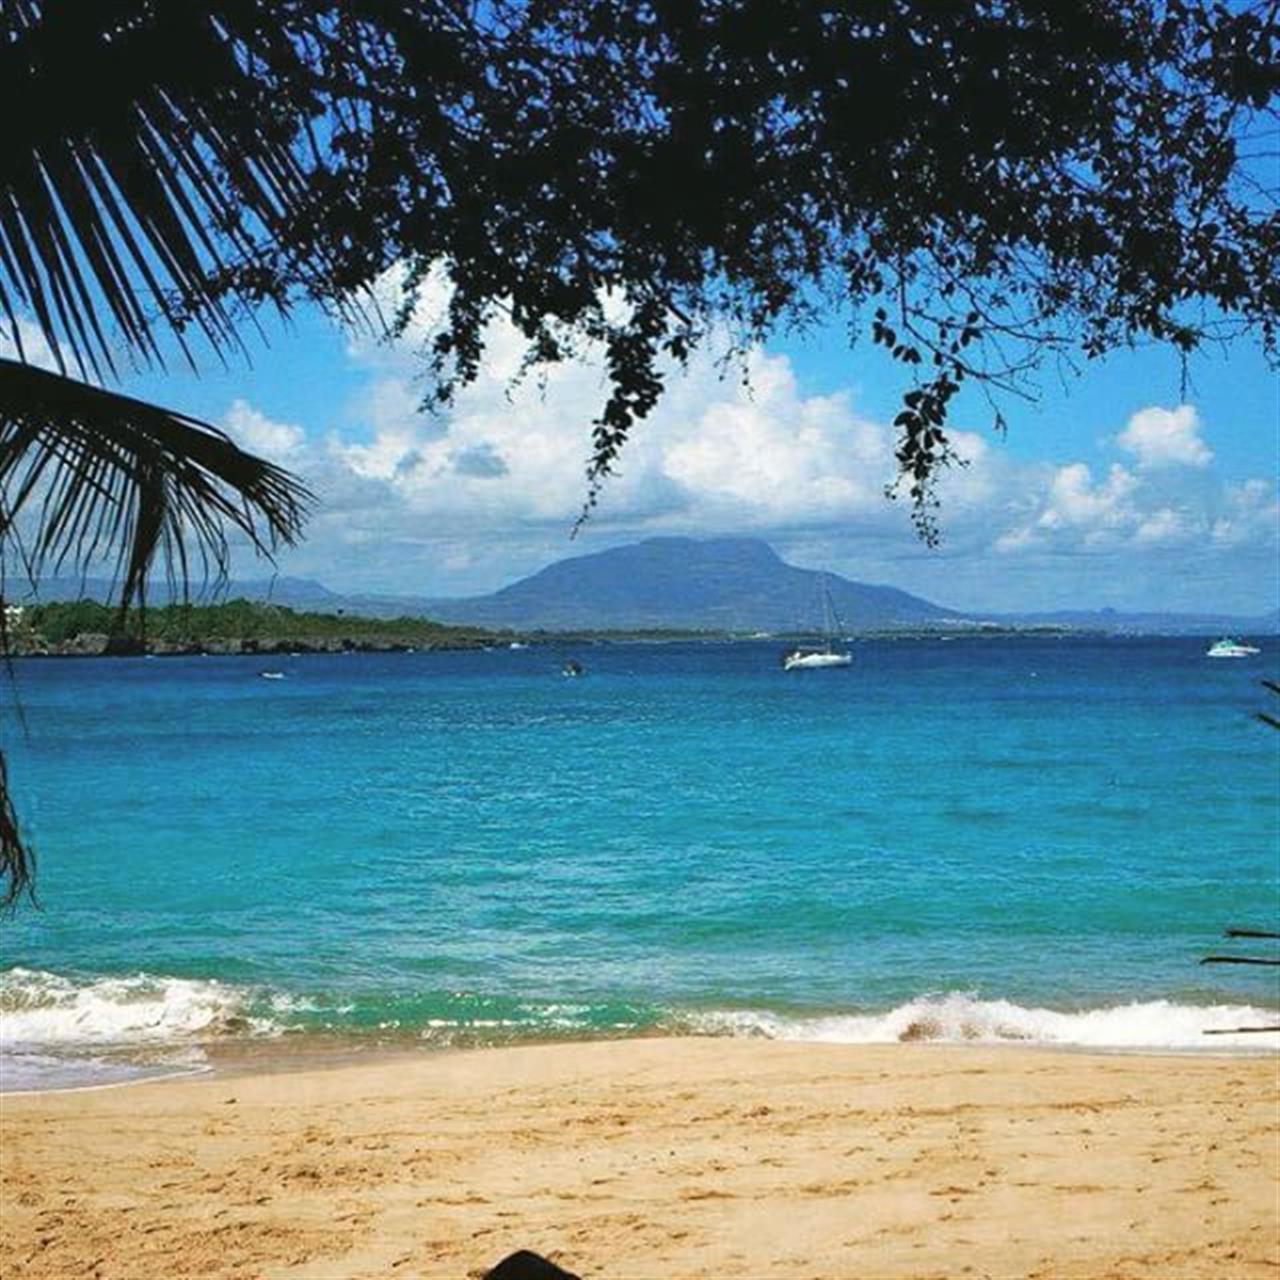 #Sosua beach on the north shore of the #DominicanRepublic